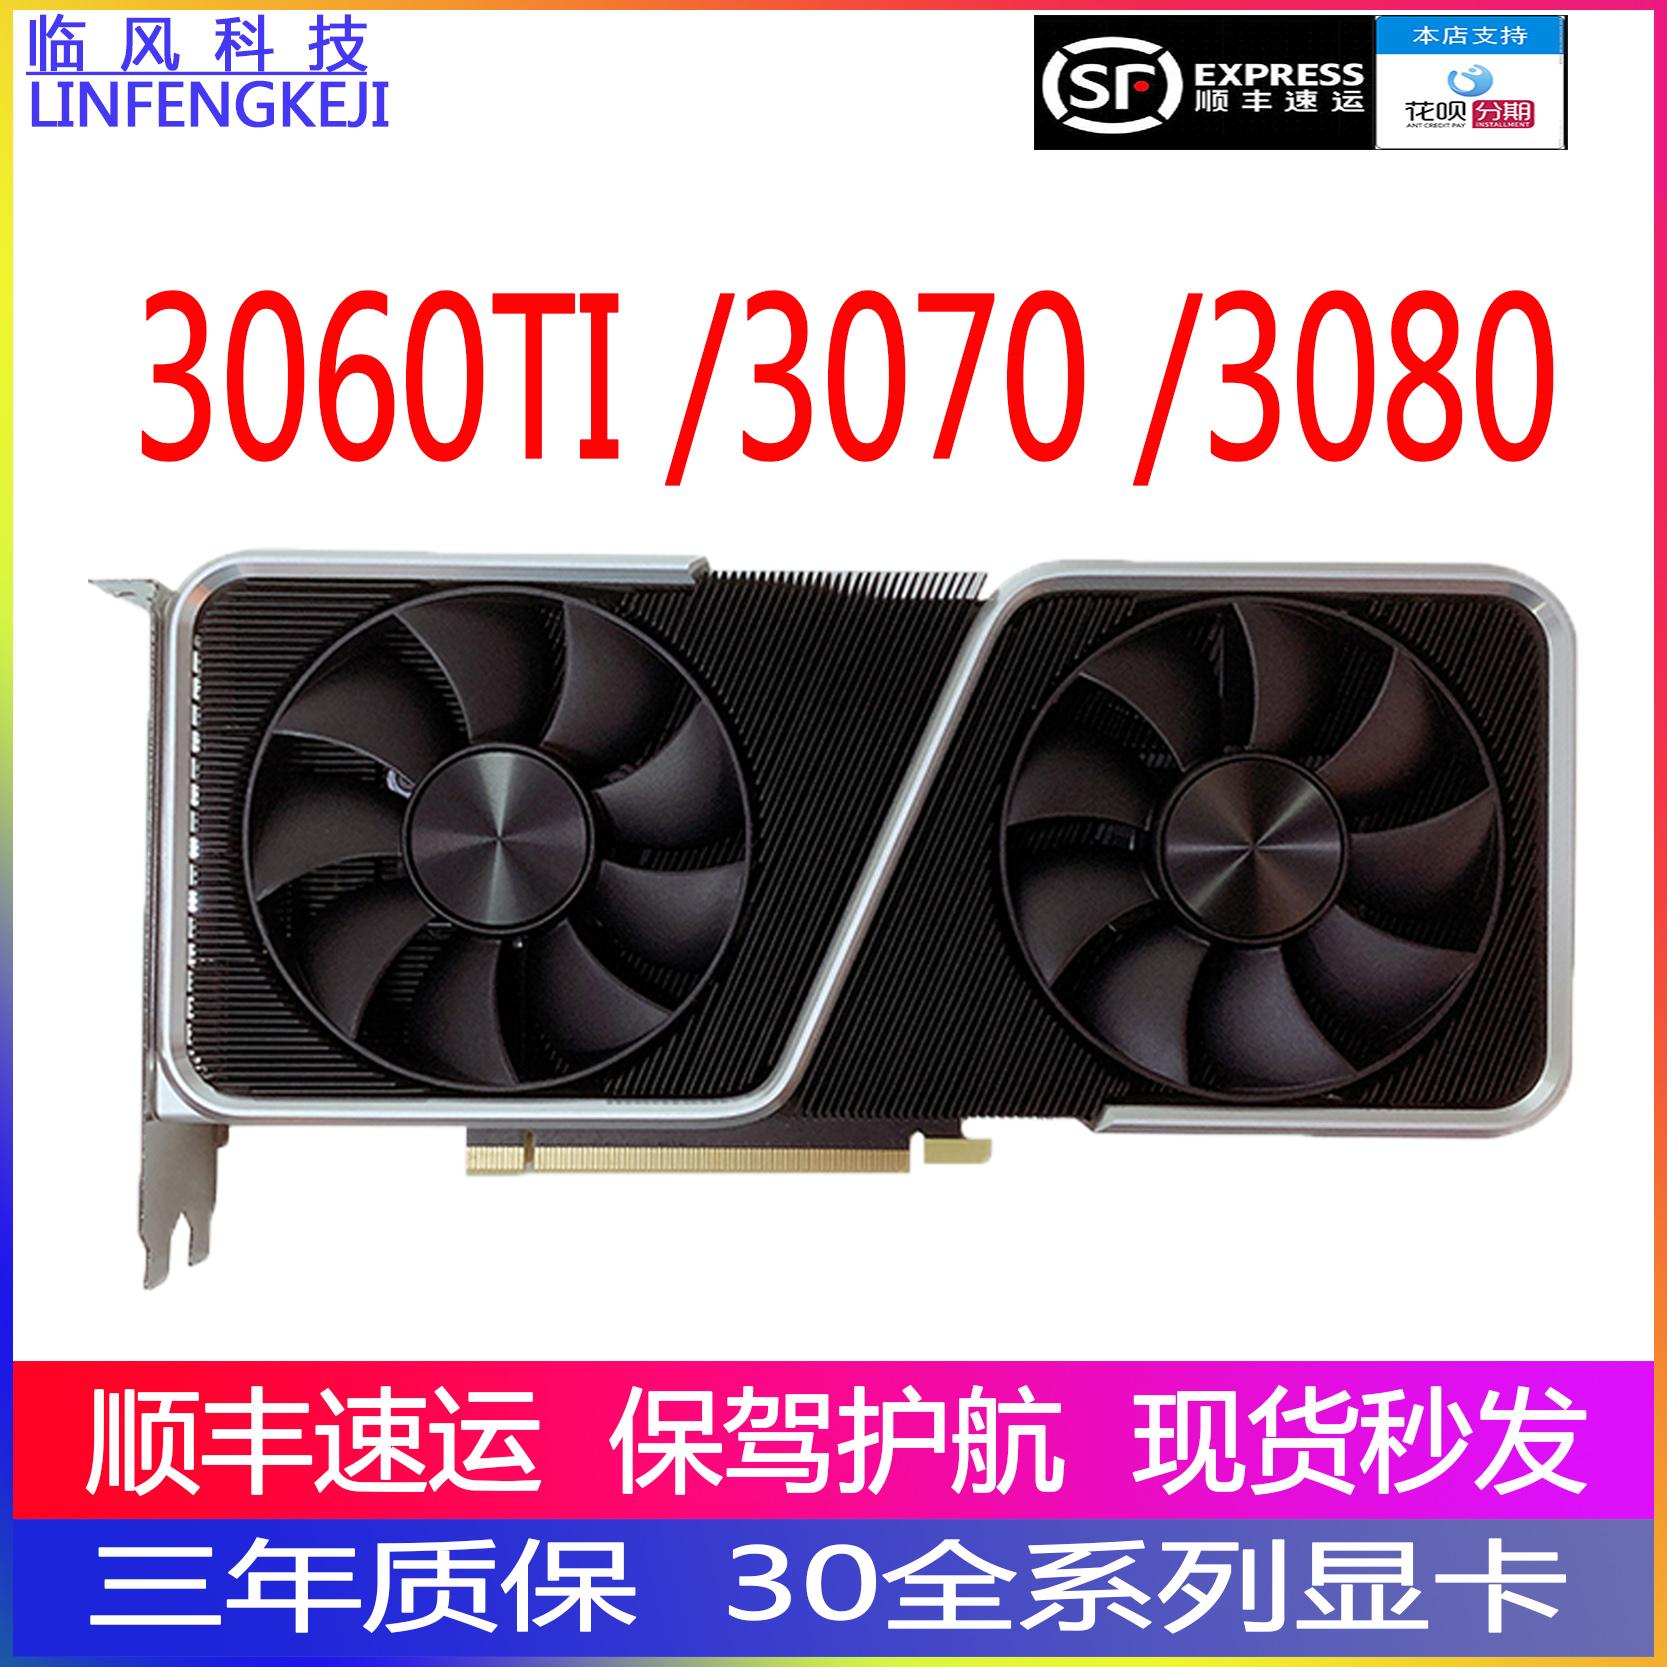 英偉達 RTX 3080 10G NVIDIA原廠公版顯卡3060TI/3070 8G/3090 JTs8